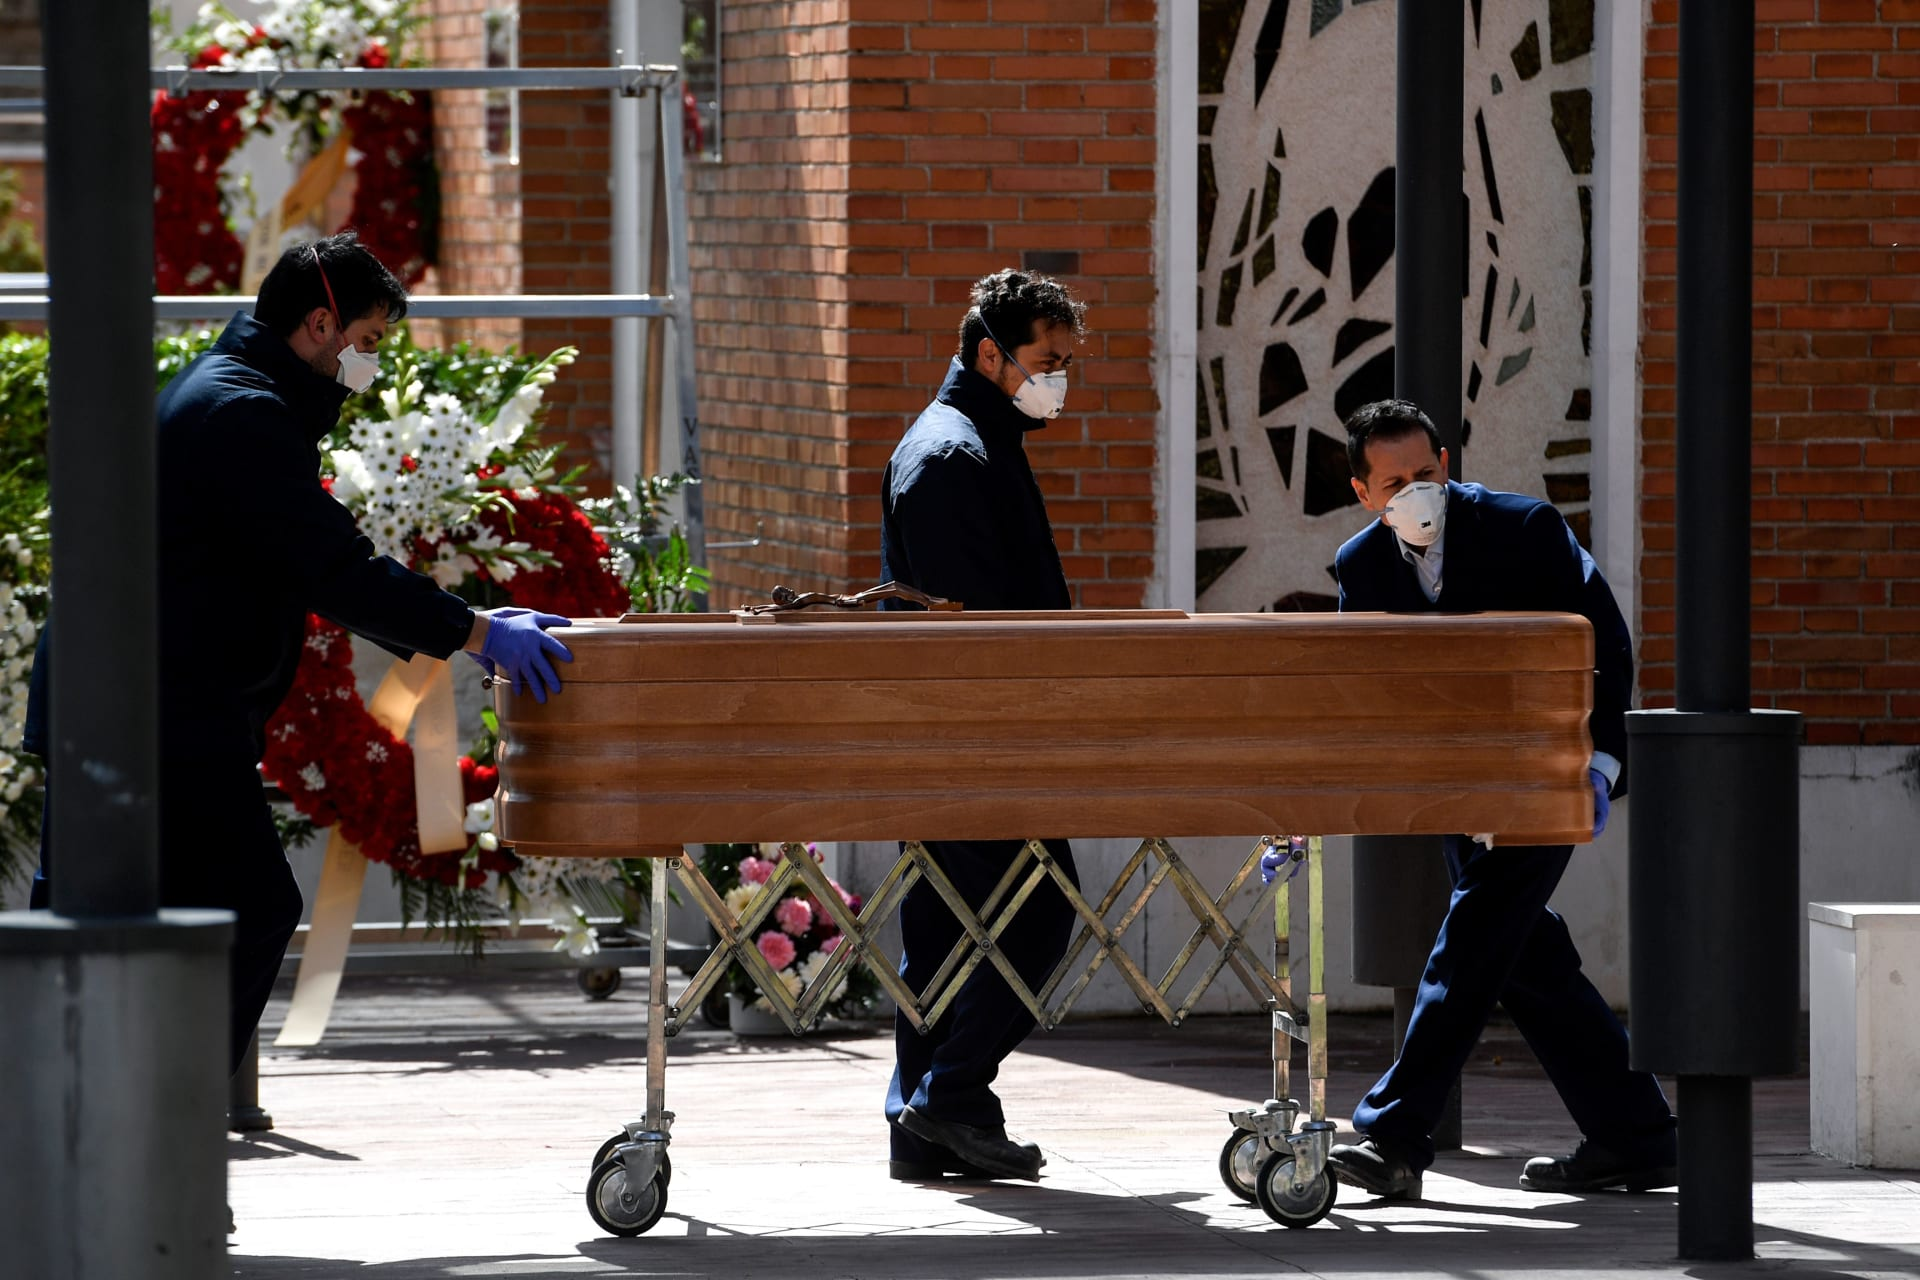 عمال يحملون جثمان أحد ضحايا فيروس كورونا المستجد في إسبانيا